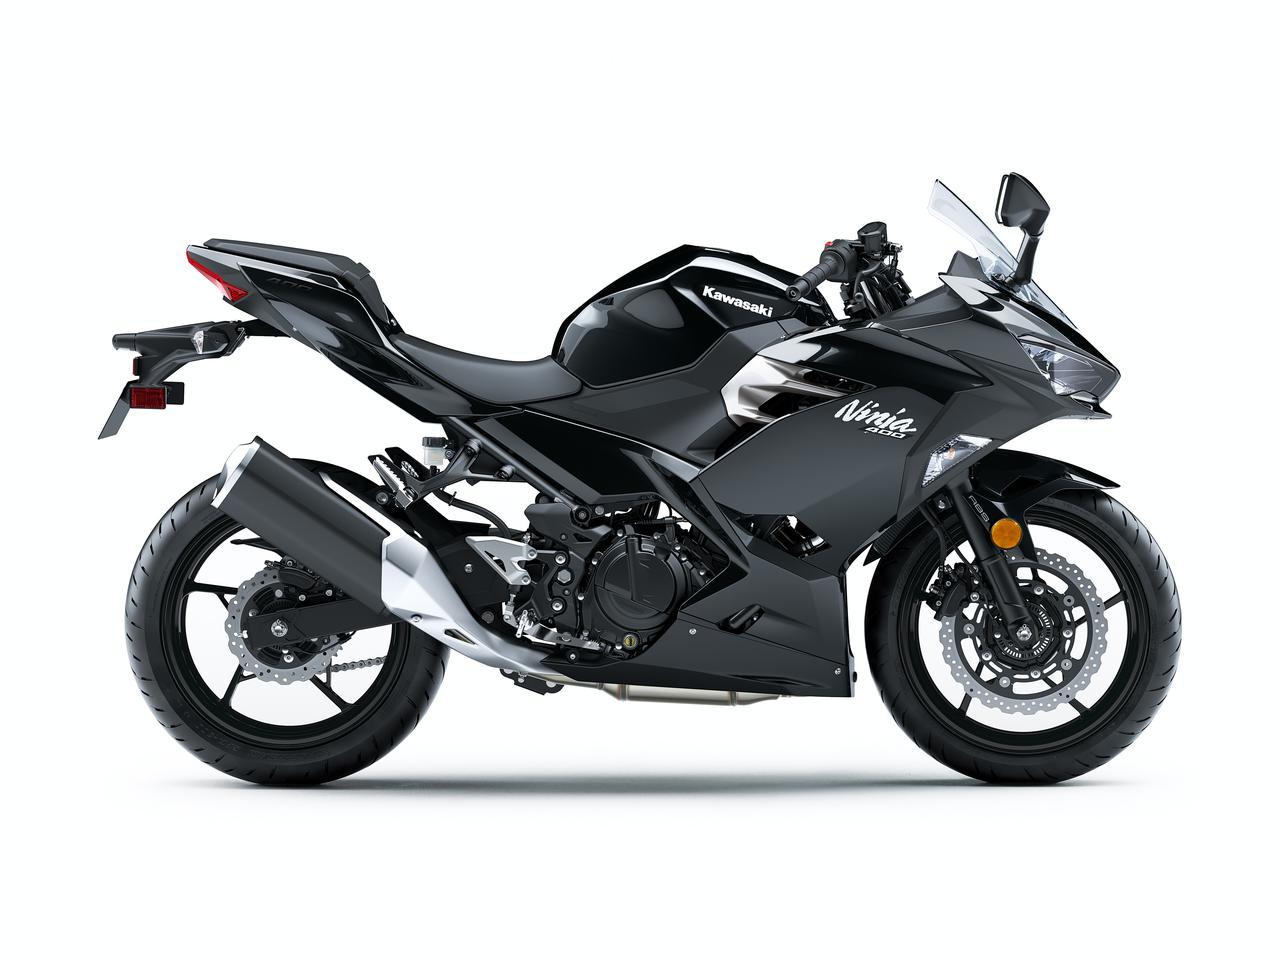 Images : 3番目の画像 - カワサキ「Ninja 400」シリーズ(2021年モデル)の写真をもっと見る! - webオートバイ